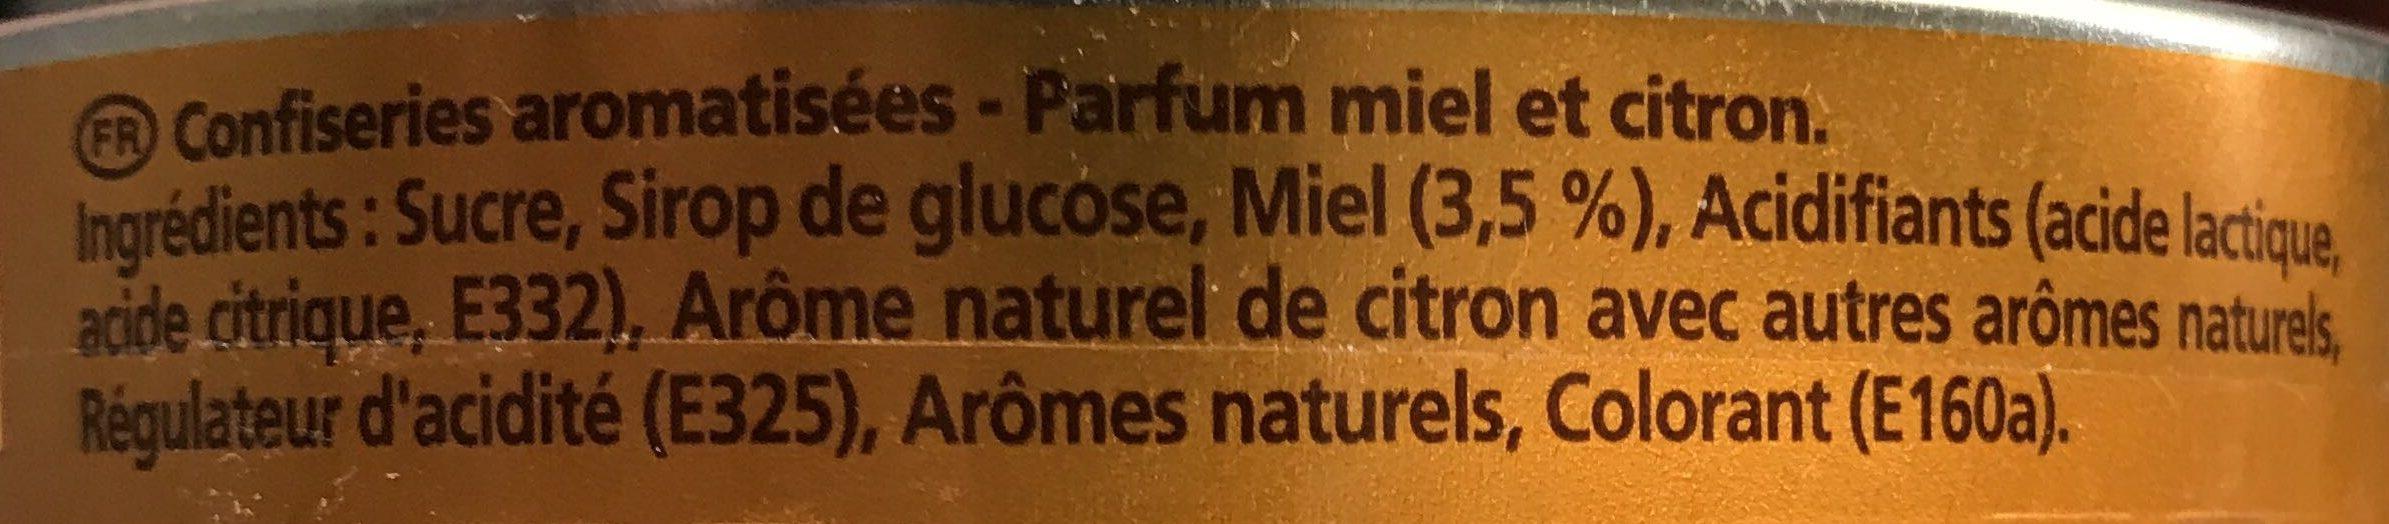 Bonbons Parfum Miel Citron - Ingrédients - fr